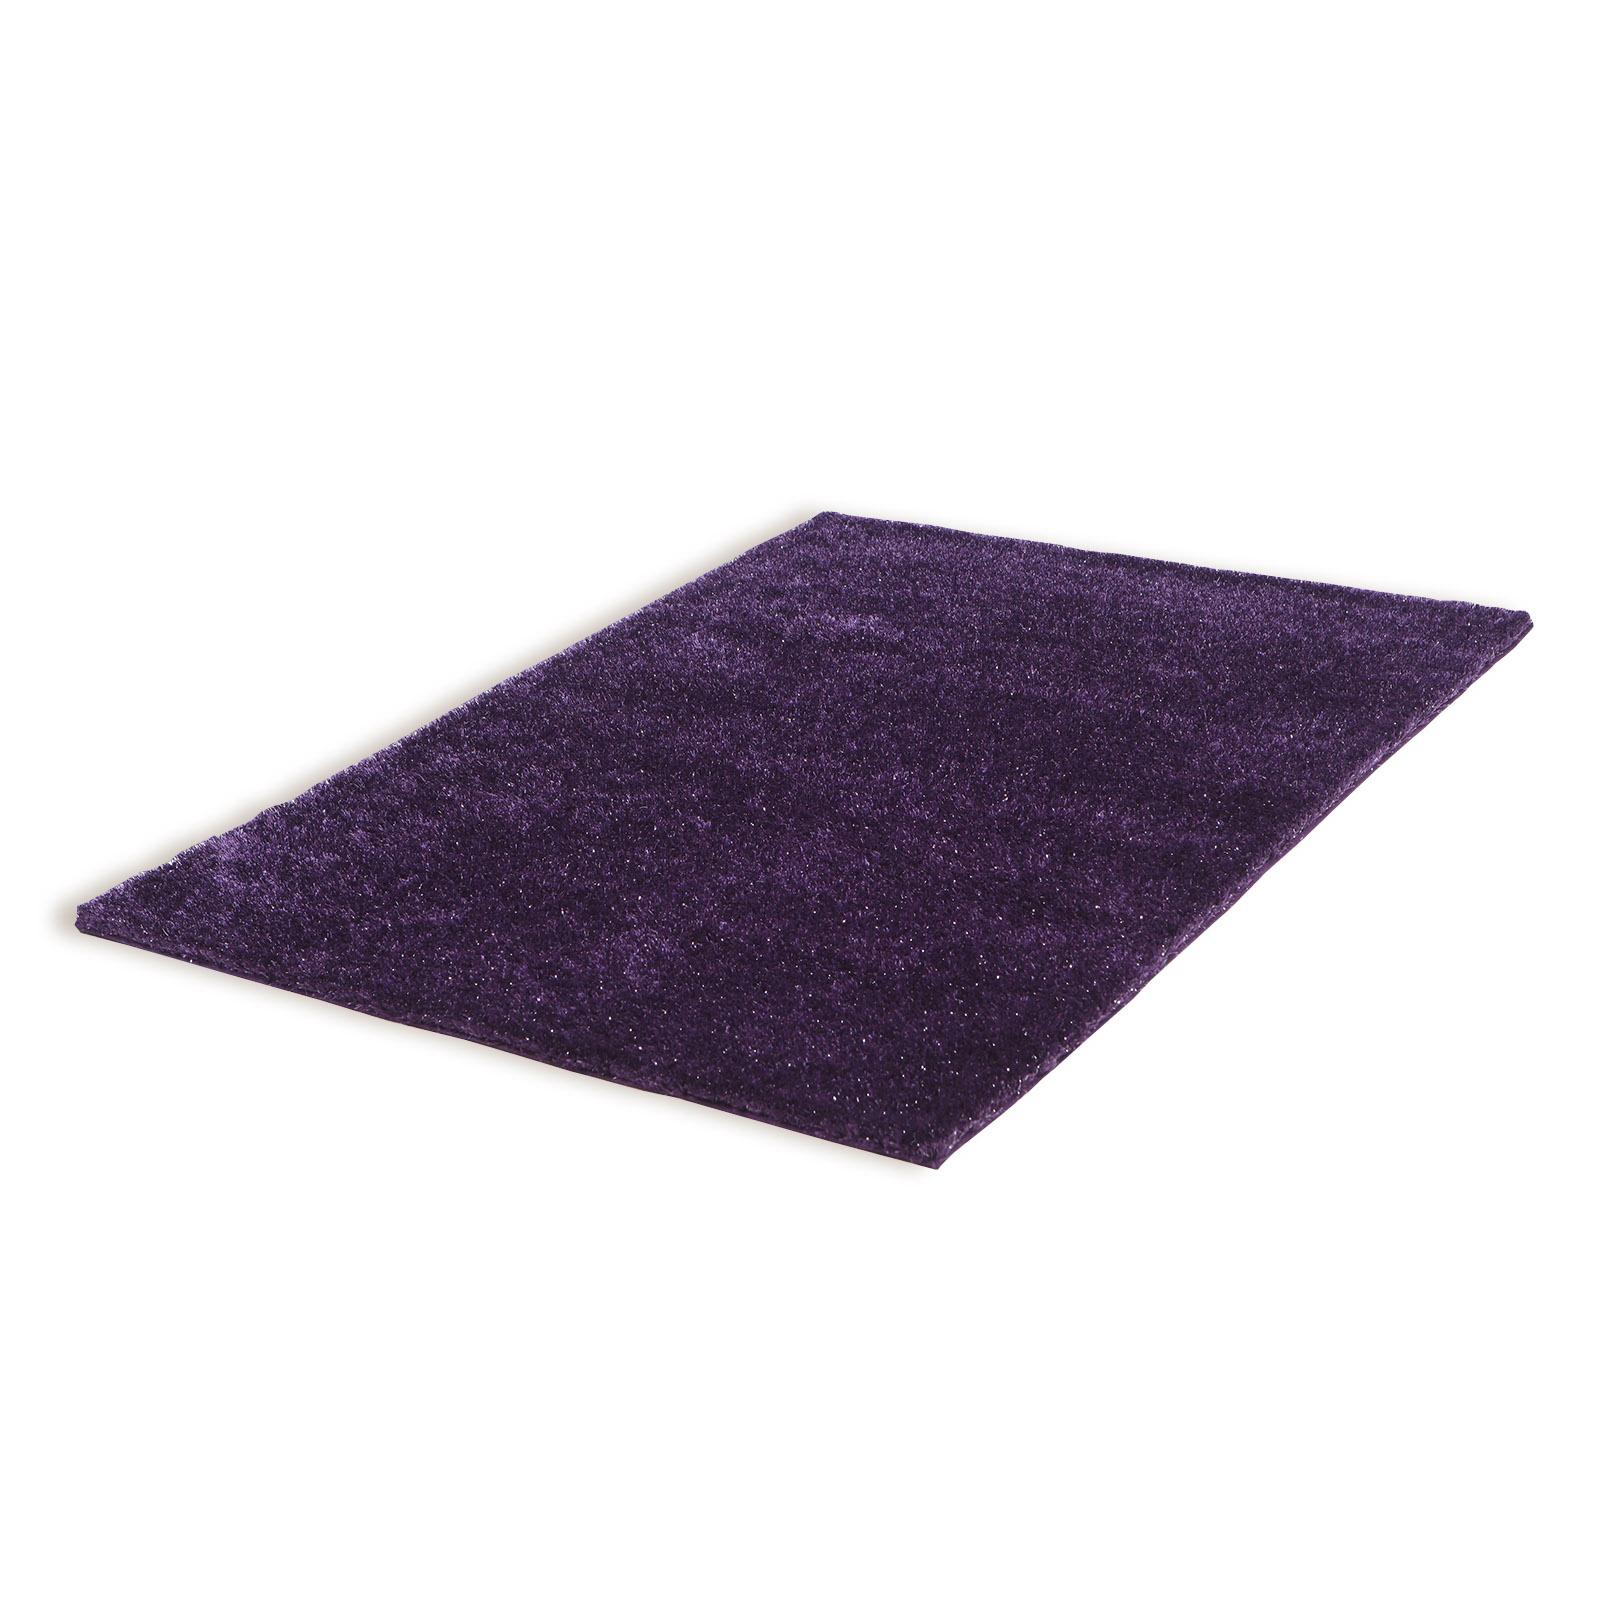 Homara Hochflor Teppich Lila 120x170 Cm Online Bei Roller Kaufen